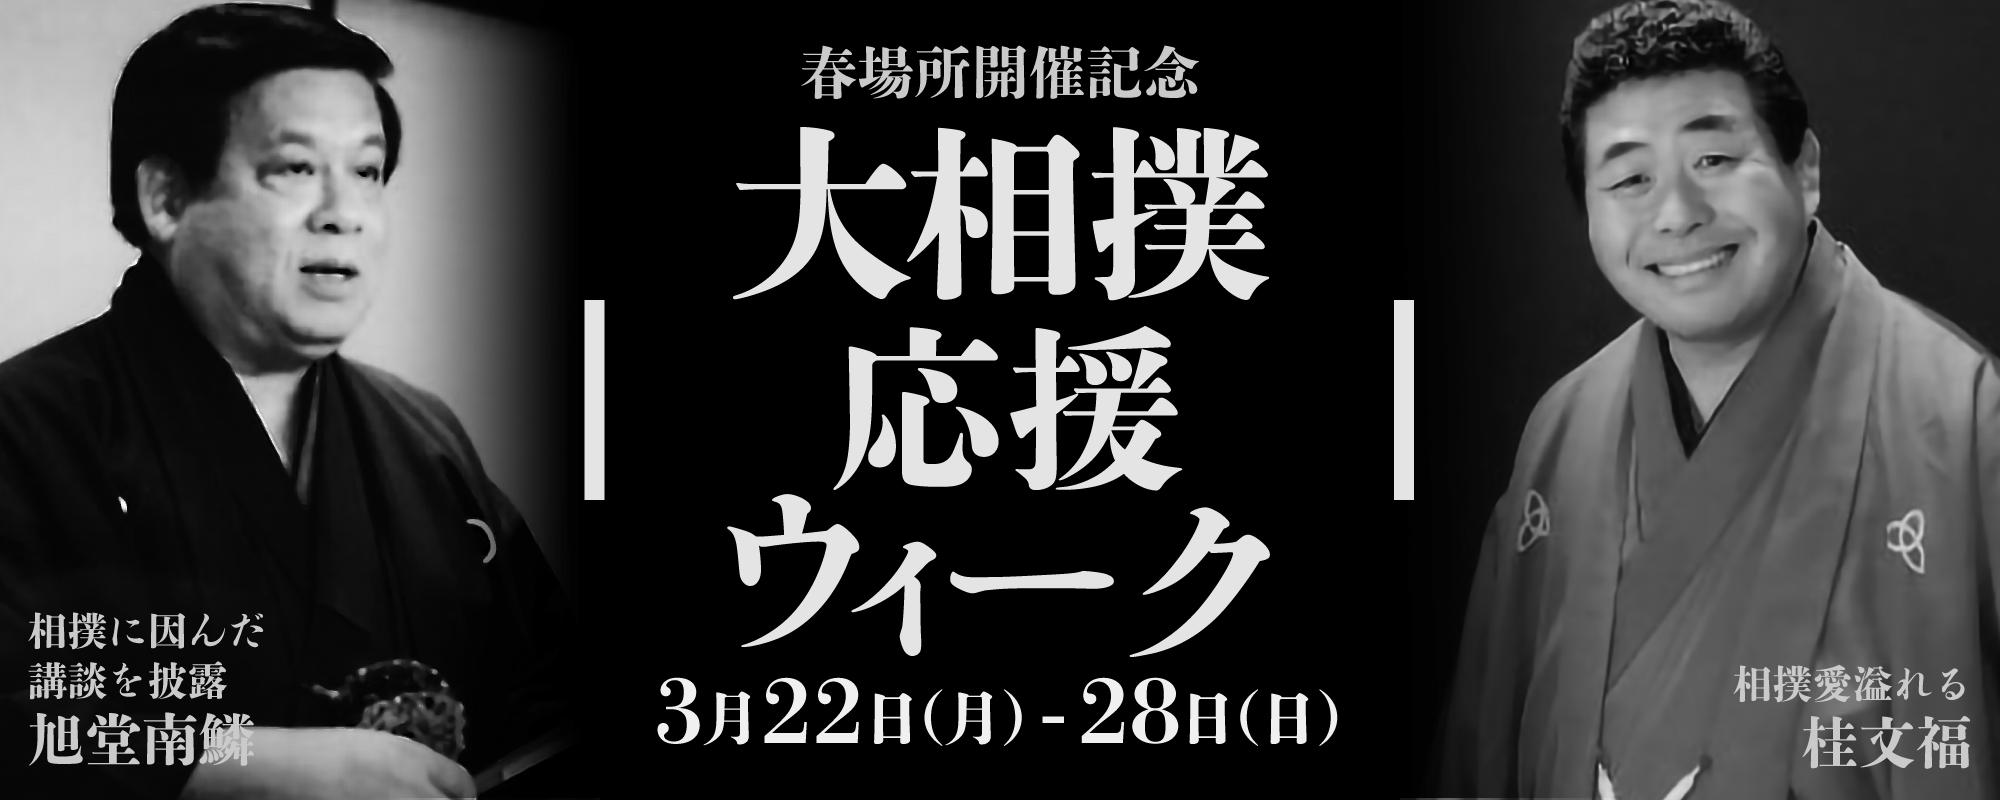 「大相撲応援ウィーク」を開催いたします!